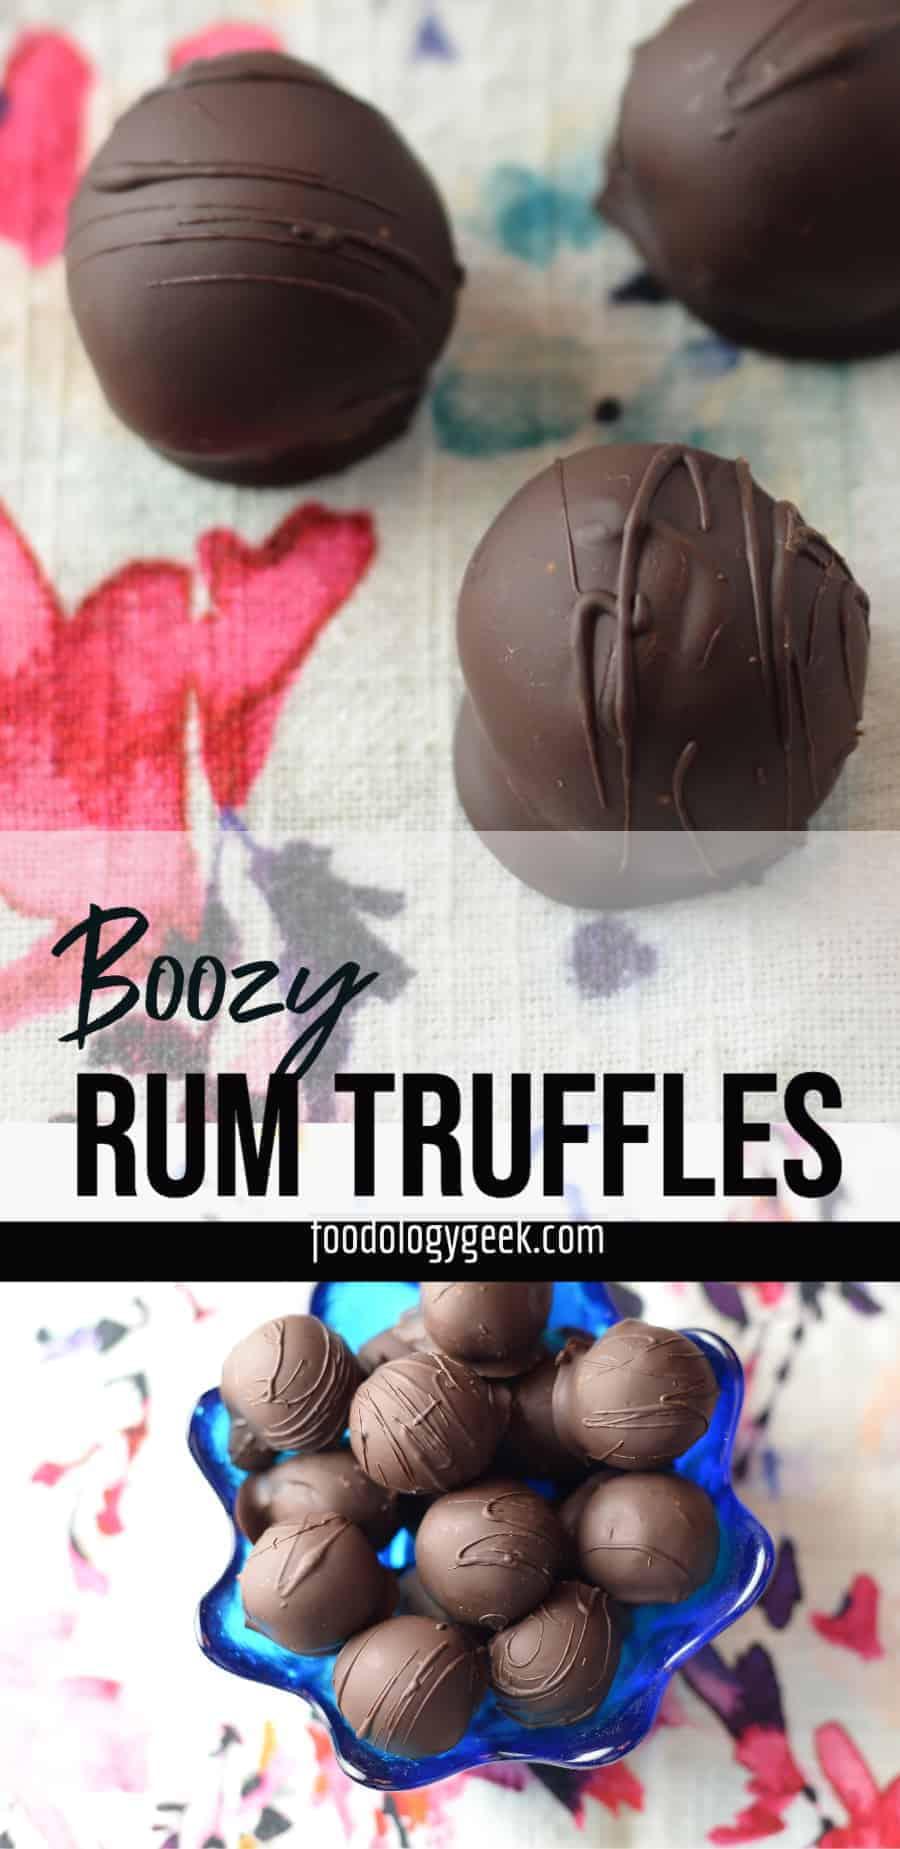 Easy homemade rum truffles pinterest image